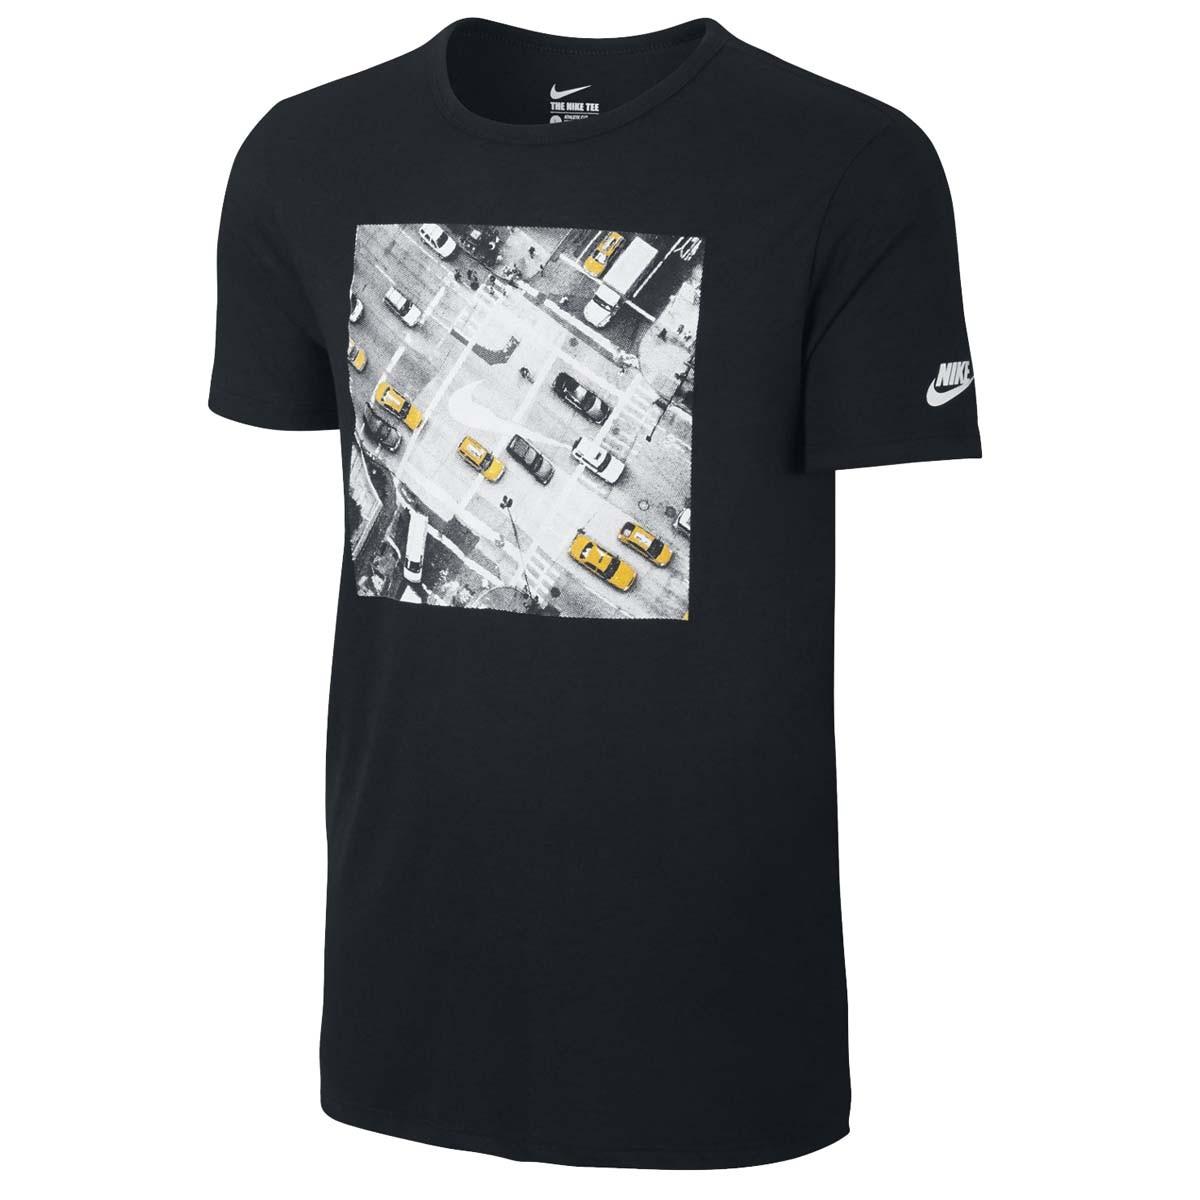 Camiseta Nike AMP Tennis Street Court 715823-010 - Preto - Calçados ... 7ae406f776a4a